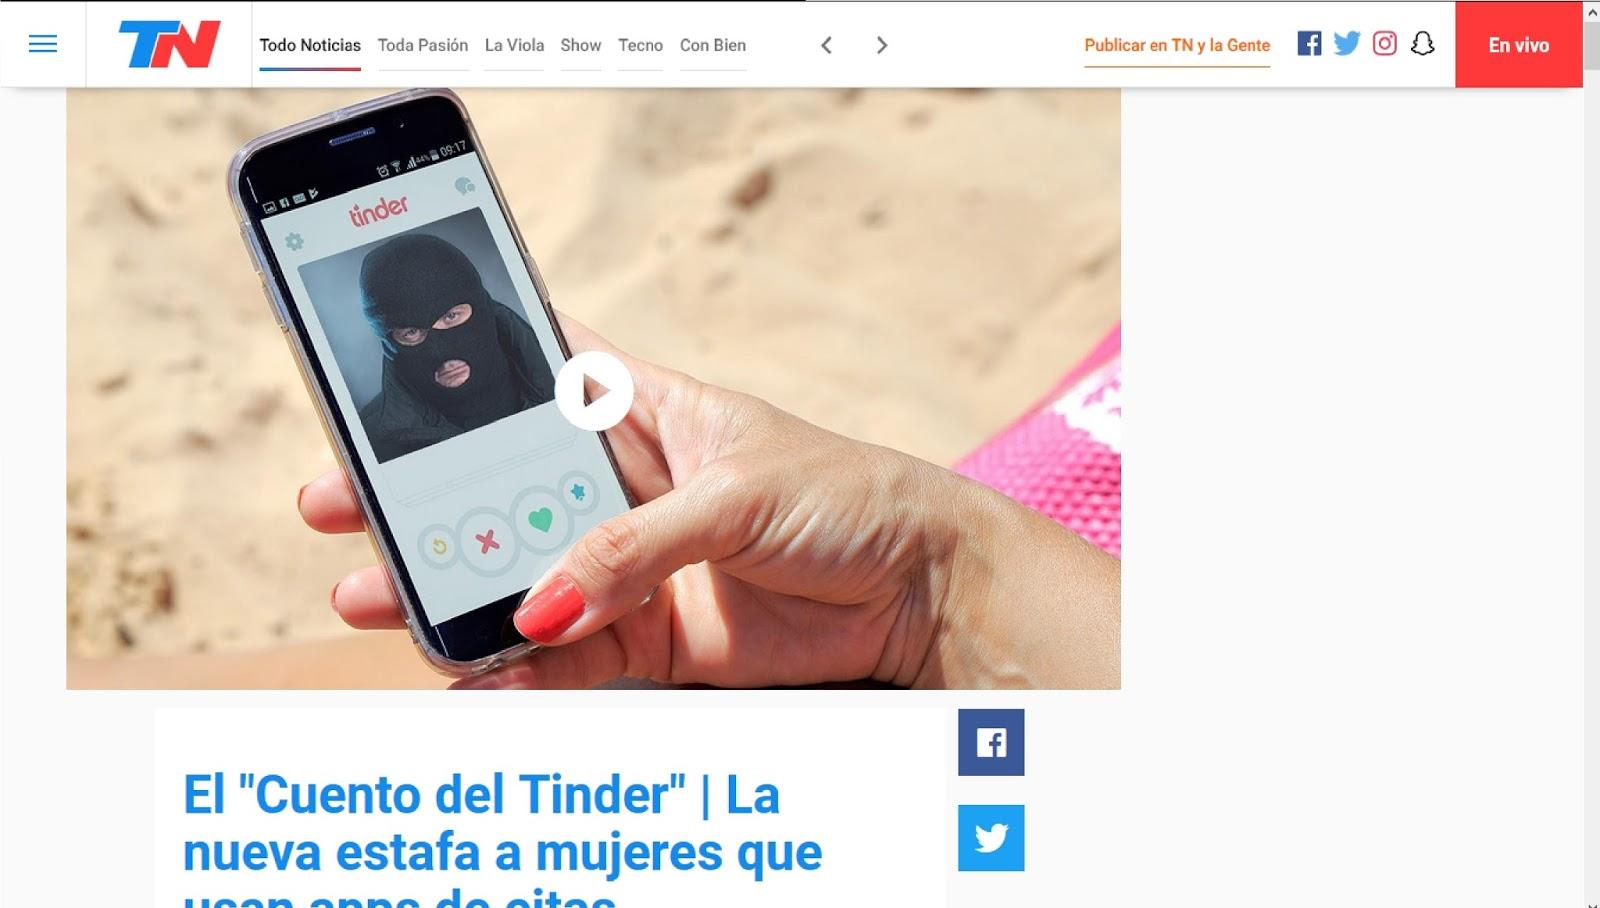 online dating scams tinder (creepy tinder guy, online dating scam, nba) trendcrave loading unsubscribe from trendcrave cancel unsubscribe working subscribe subscribed unsubscribe 19m .